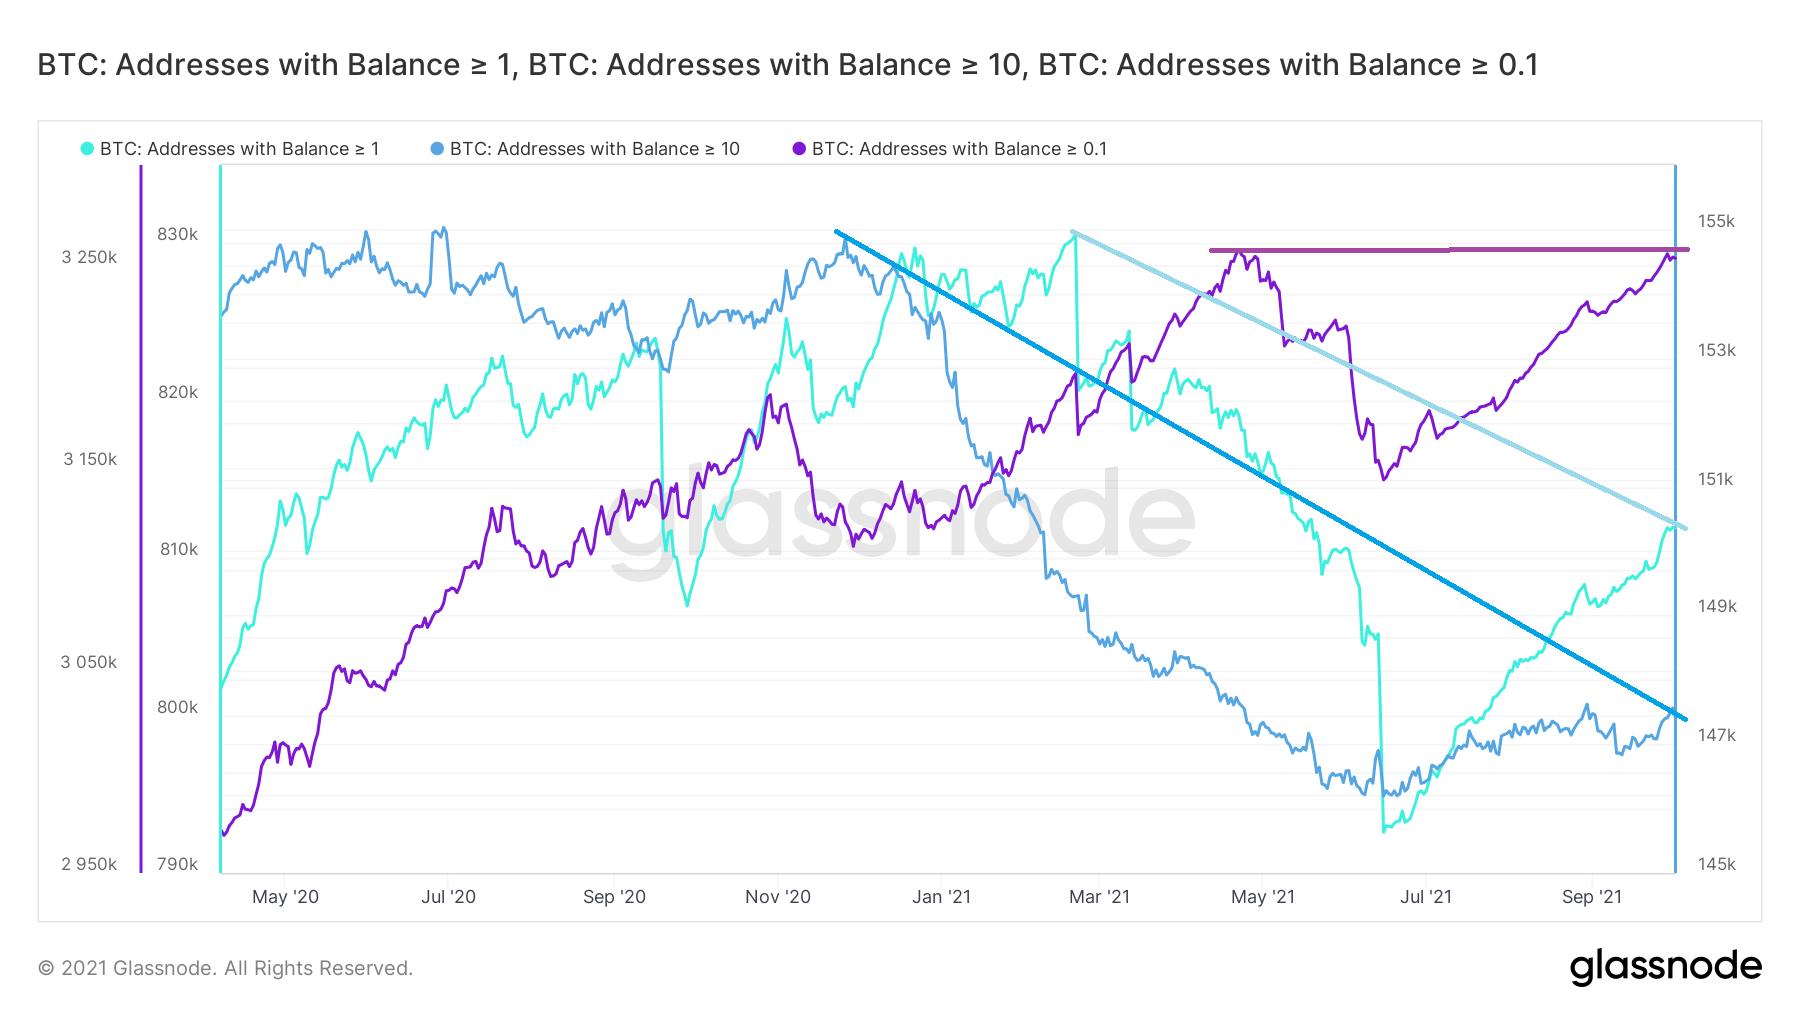 Liczba adresów Bitcoina